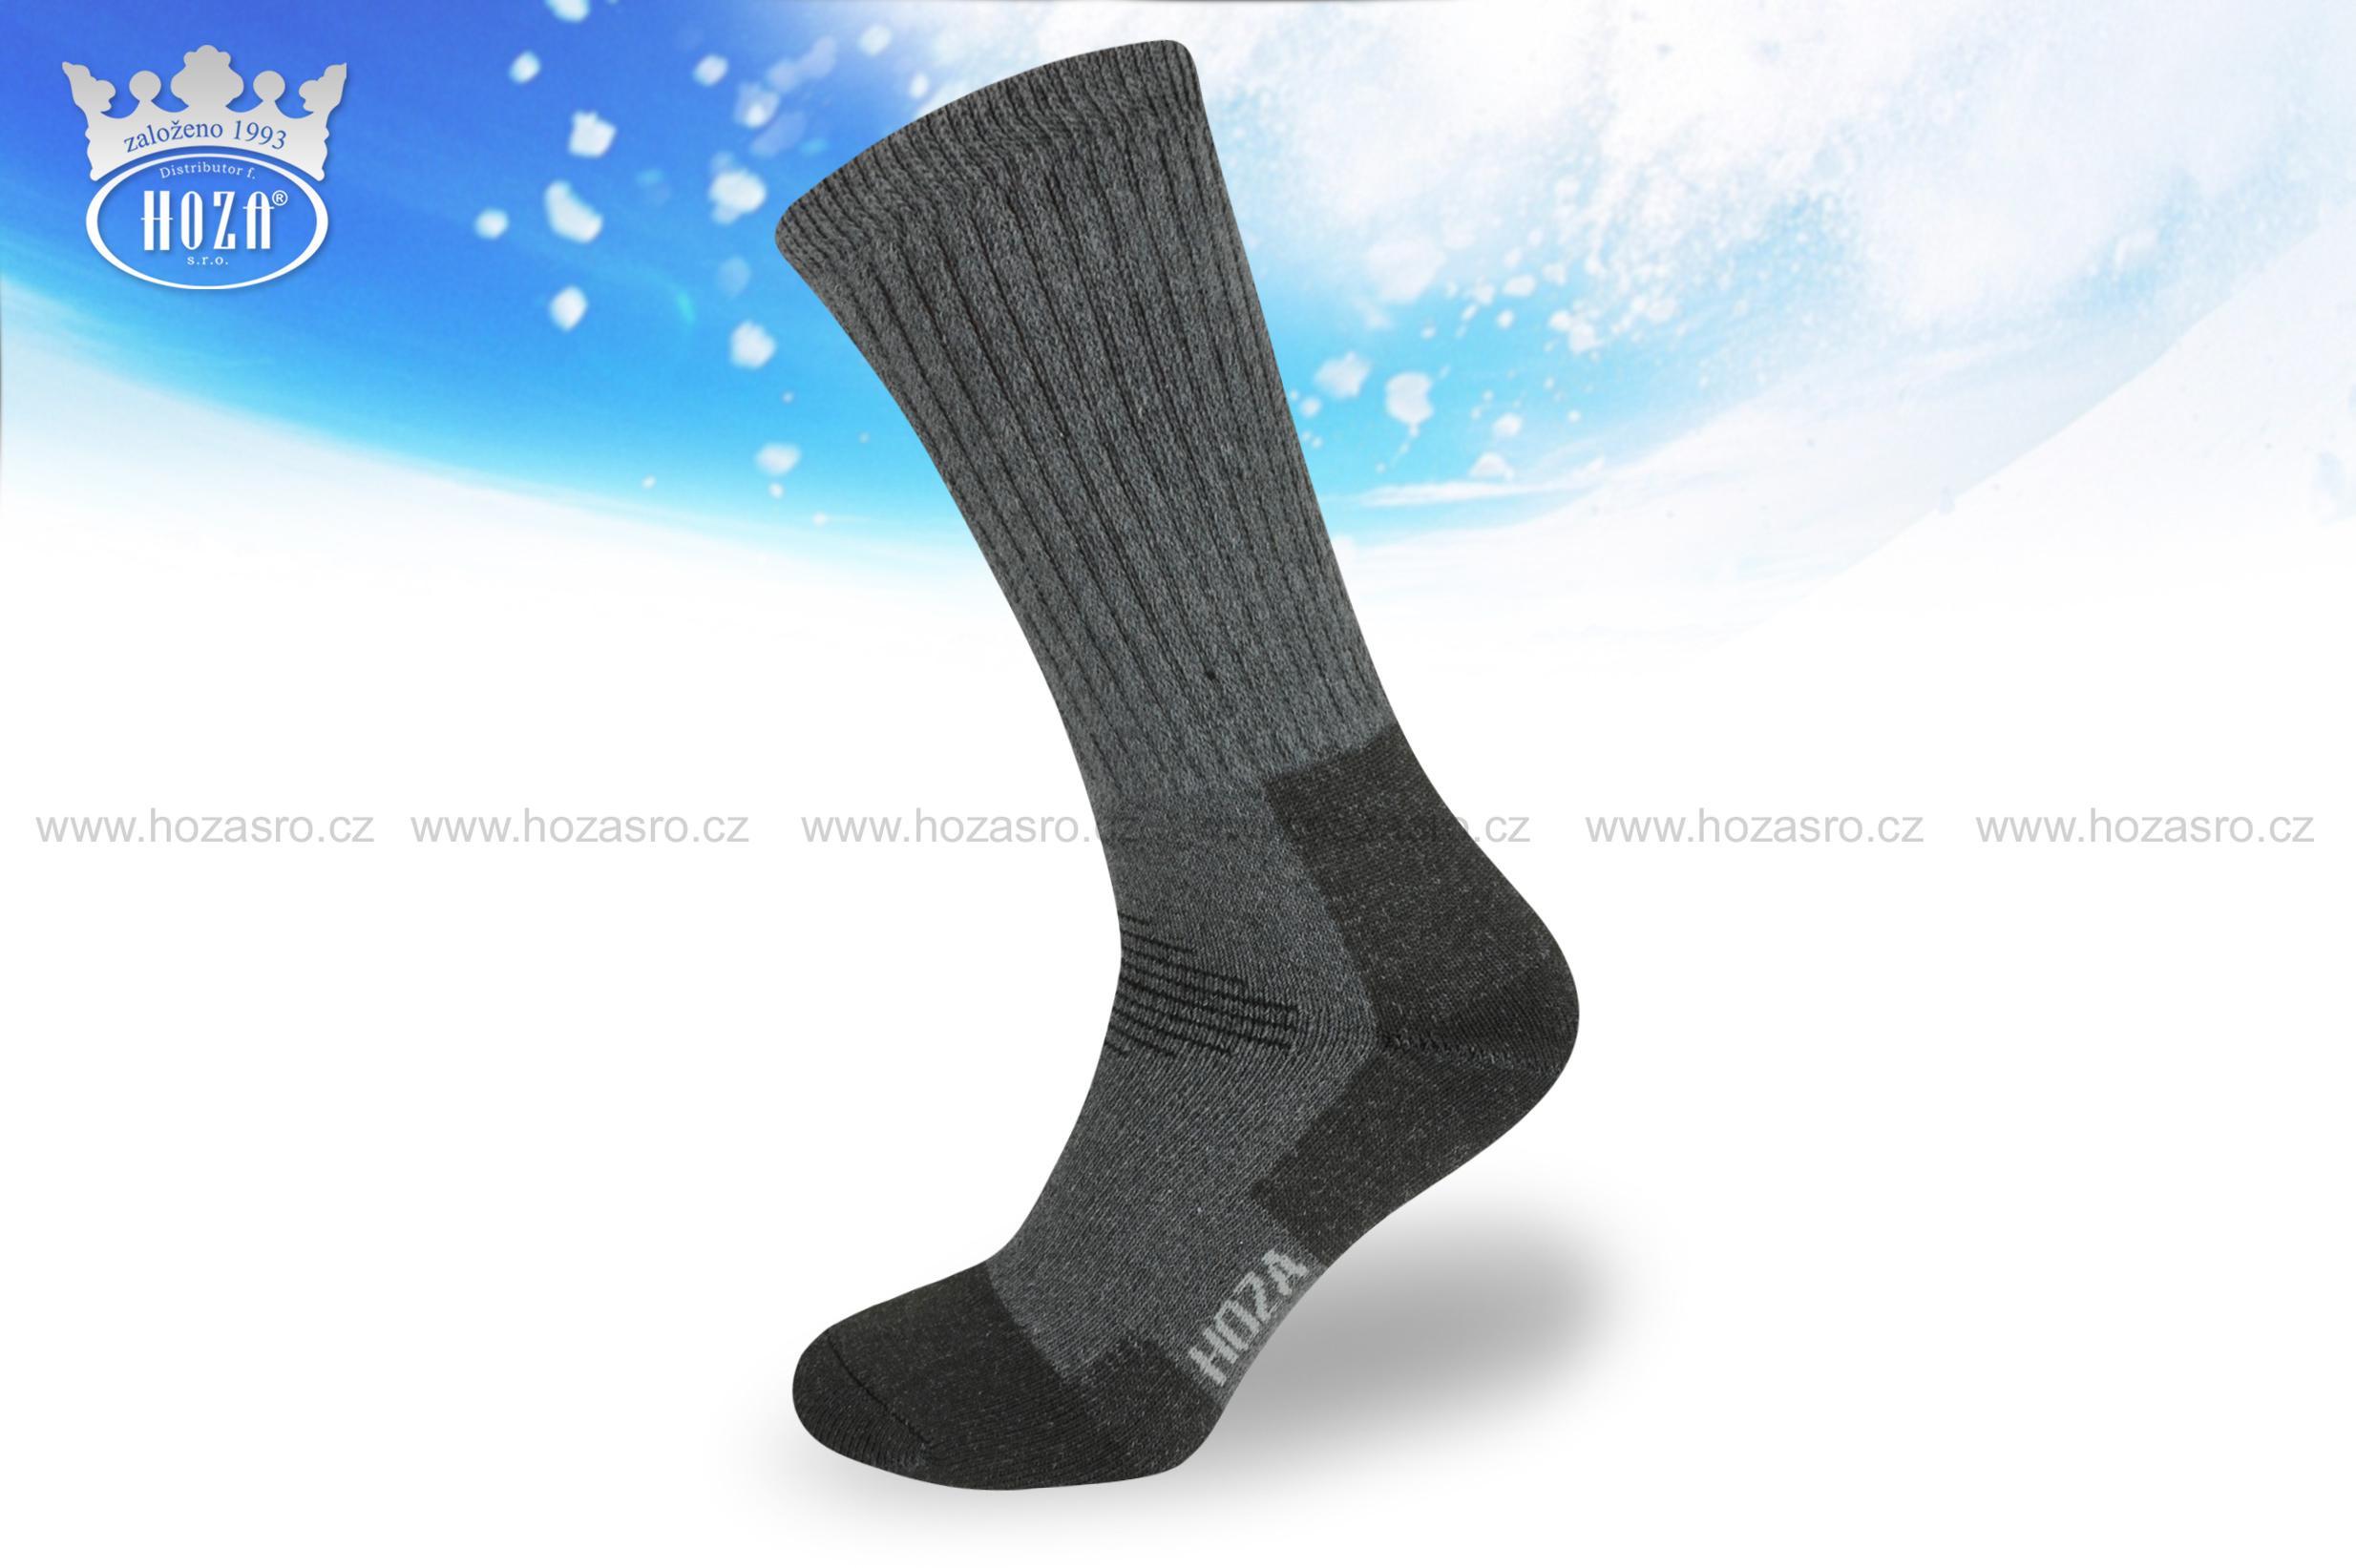 5b5a6898d9f Ponožky pro dospělé » Ponožky zimní -